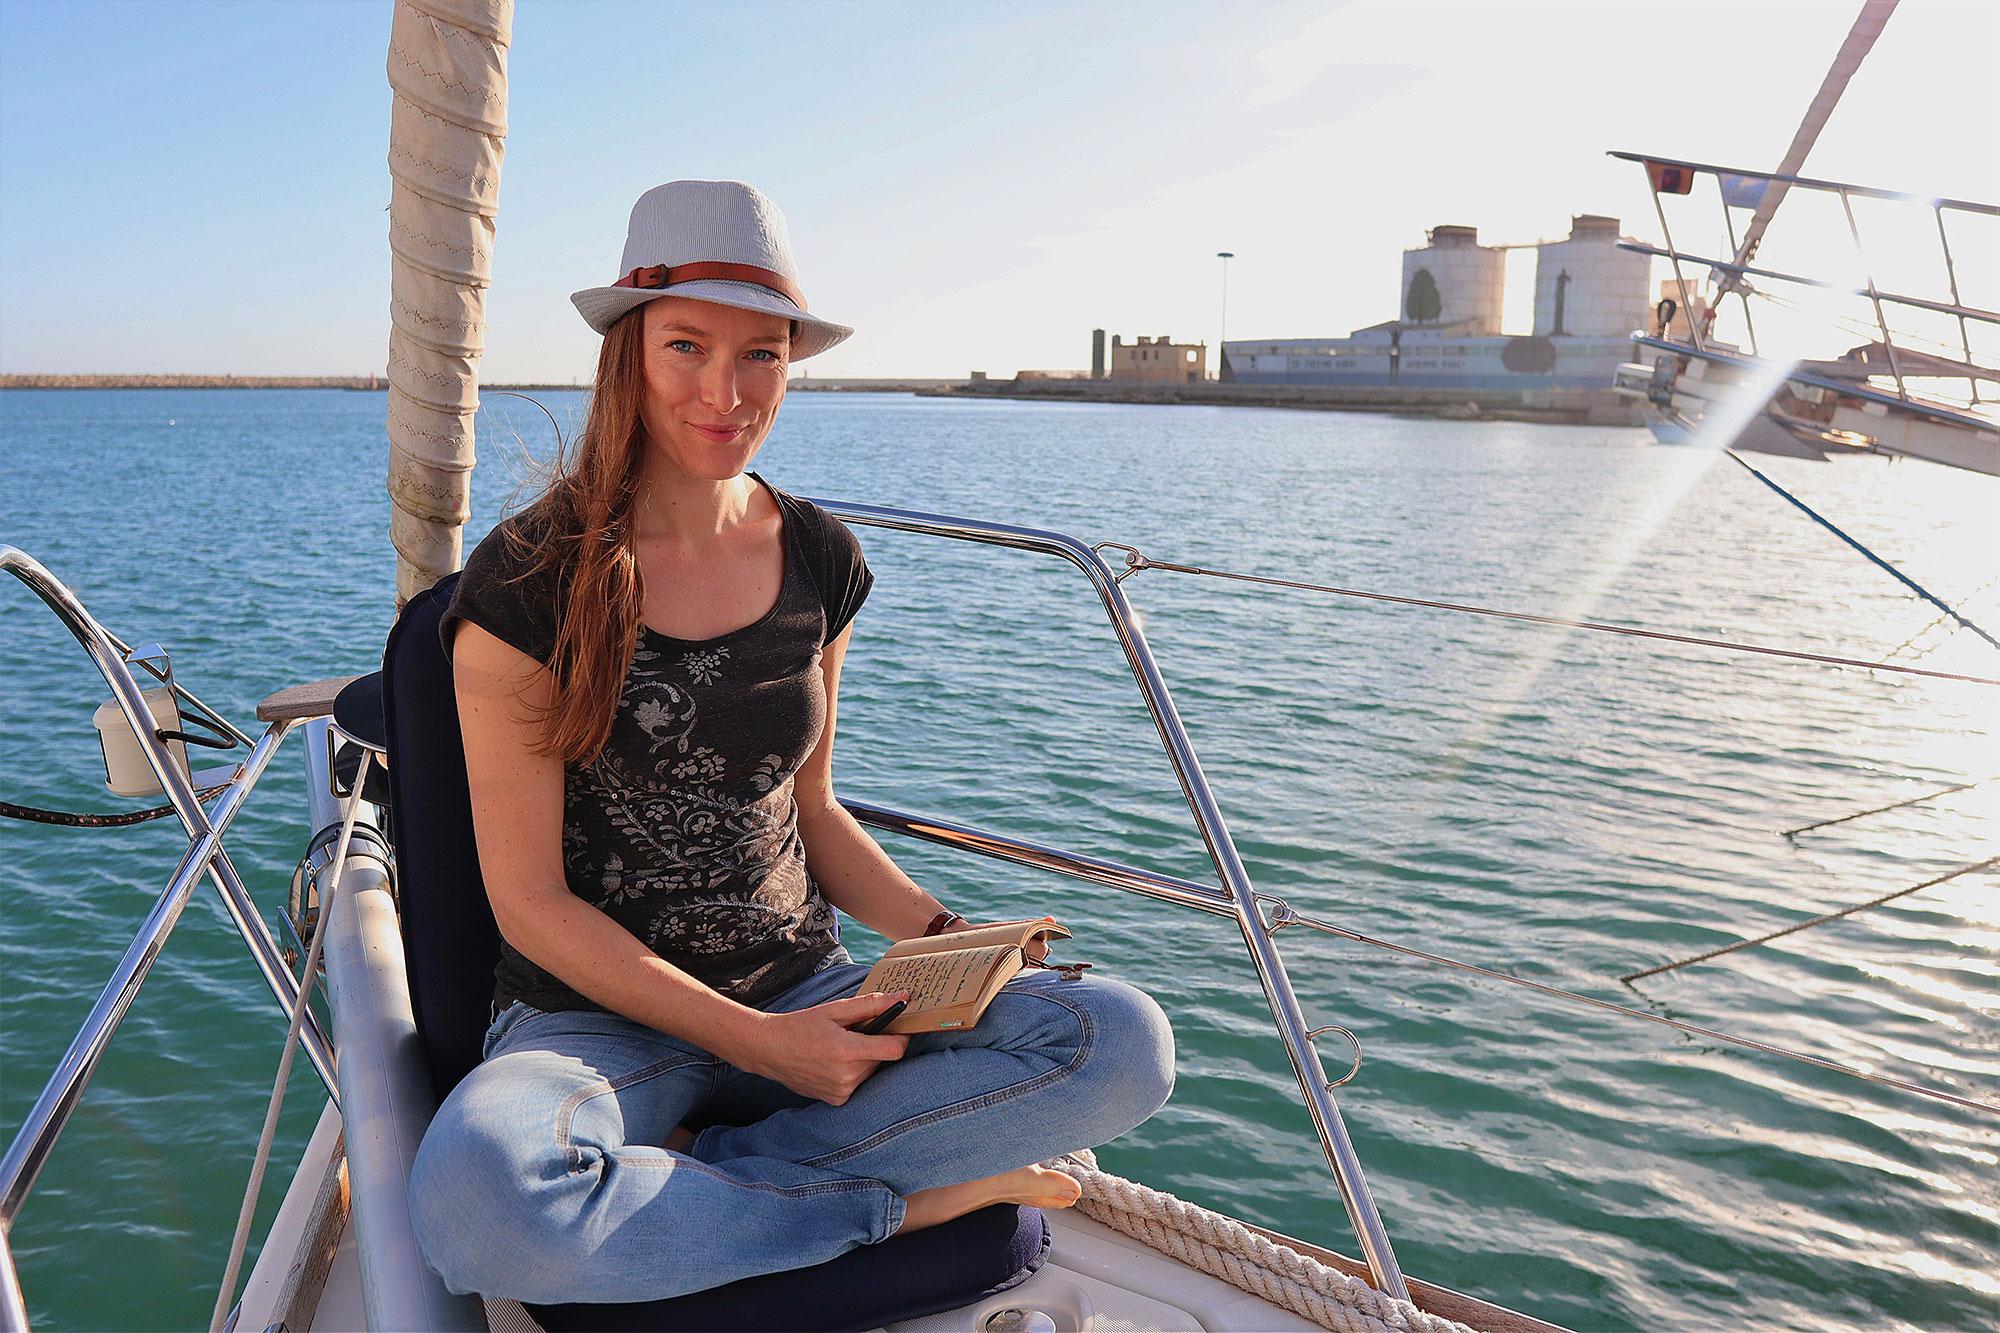 Ina schreibt auf dem Segelboot in ihr Notizbuch